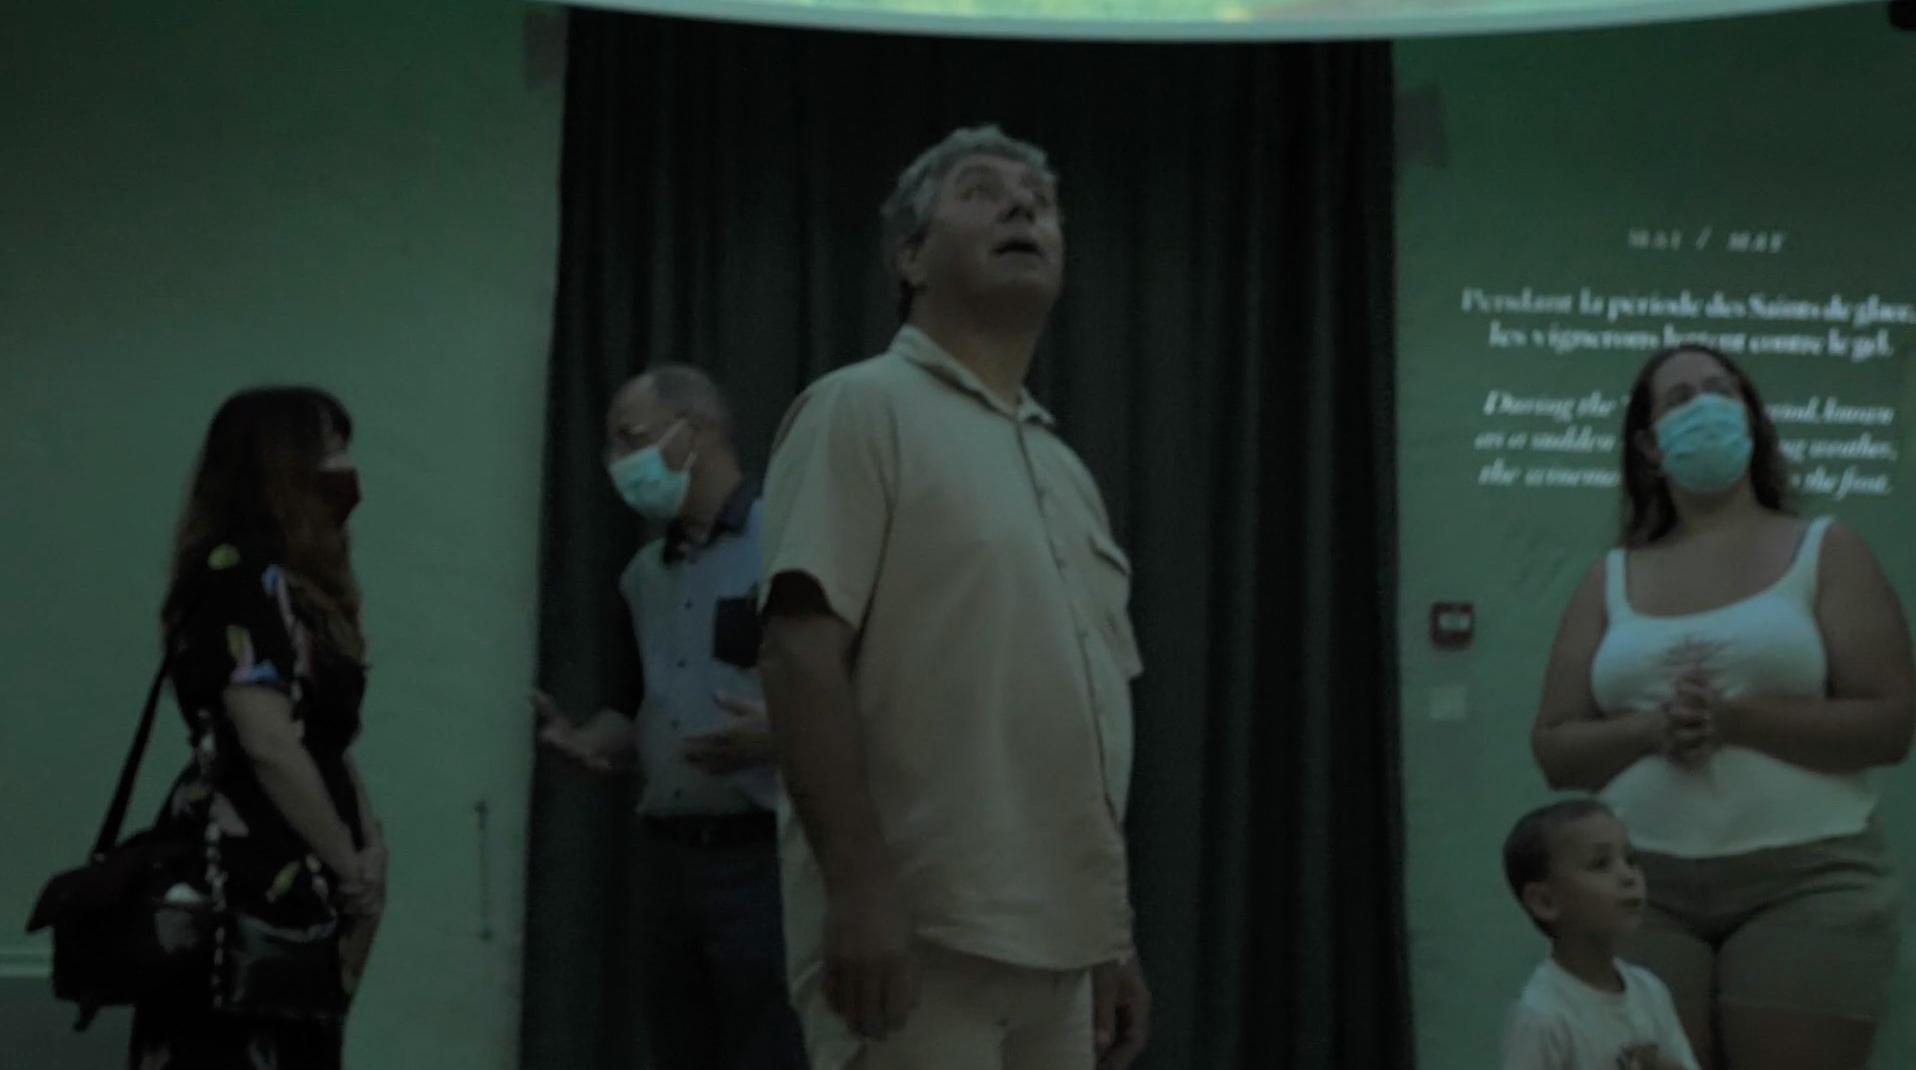 Homme regardant la vidéo du musée de Cheverny